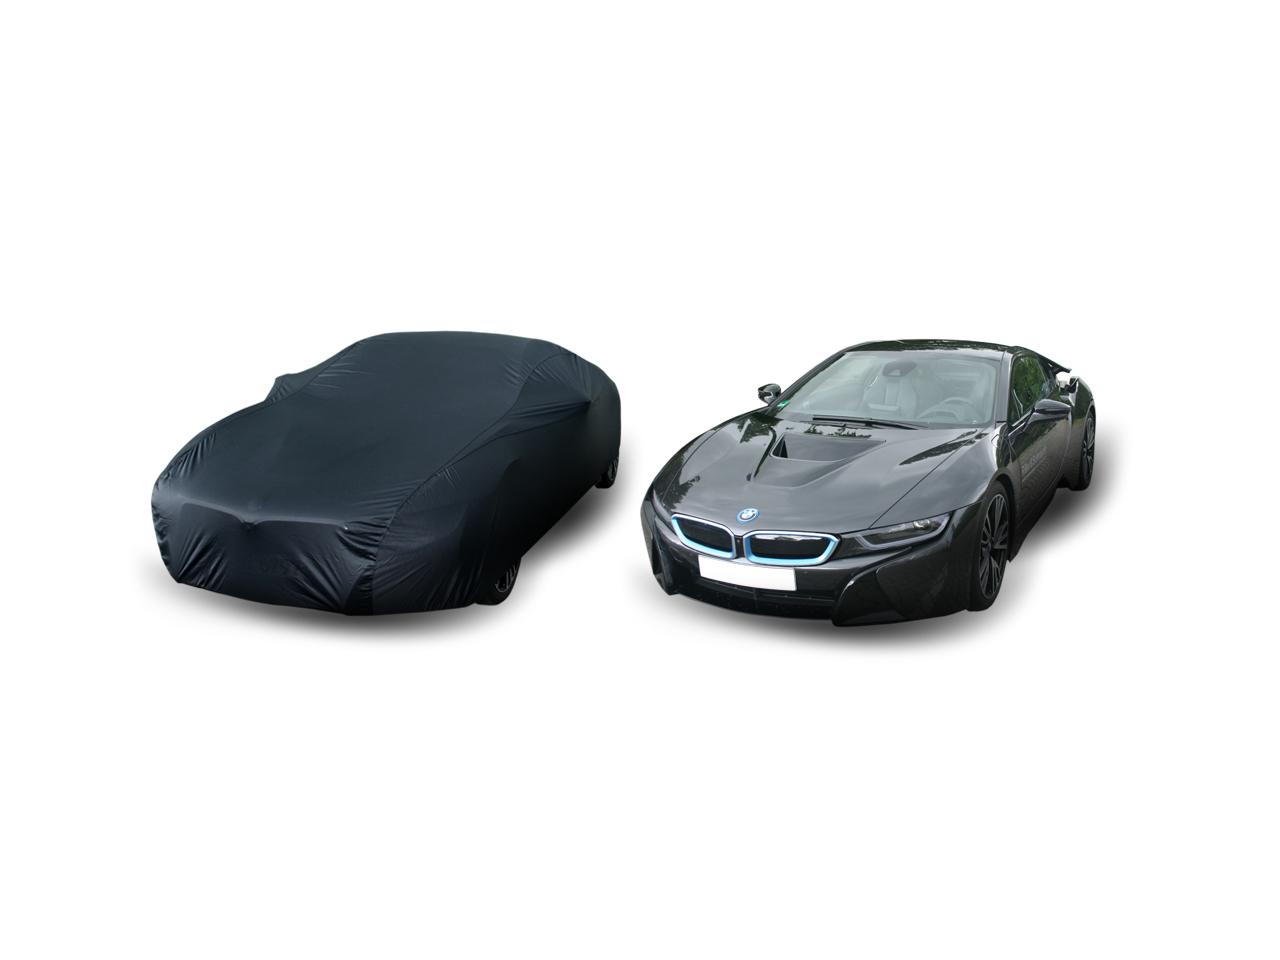 Bmw Car Cover Optimaler Schutz Vor Verschmutzung In Der Garage